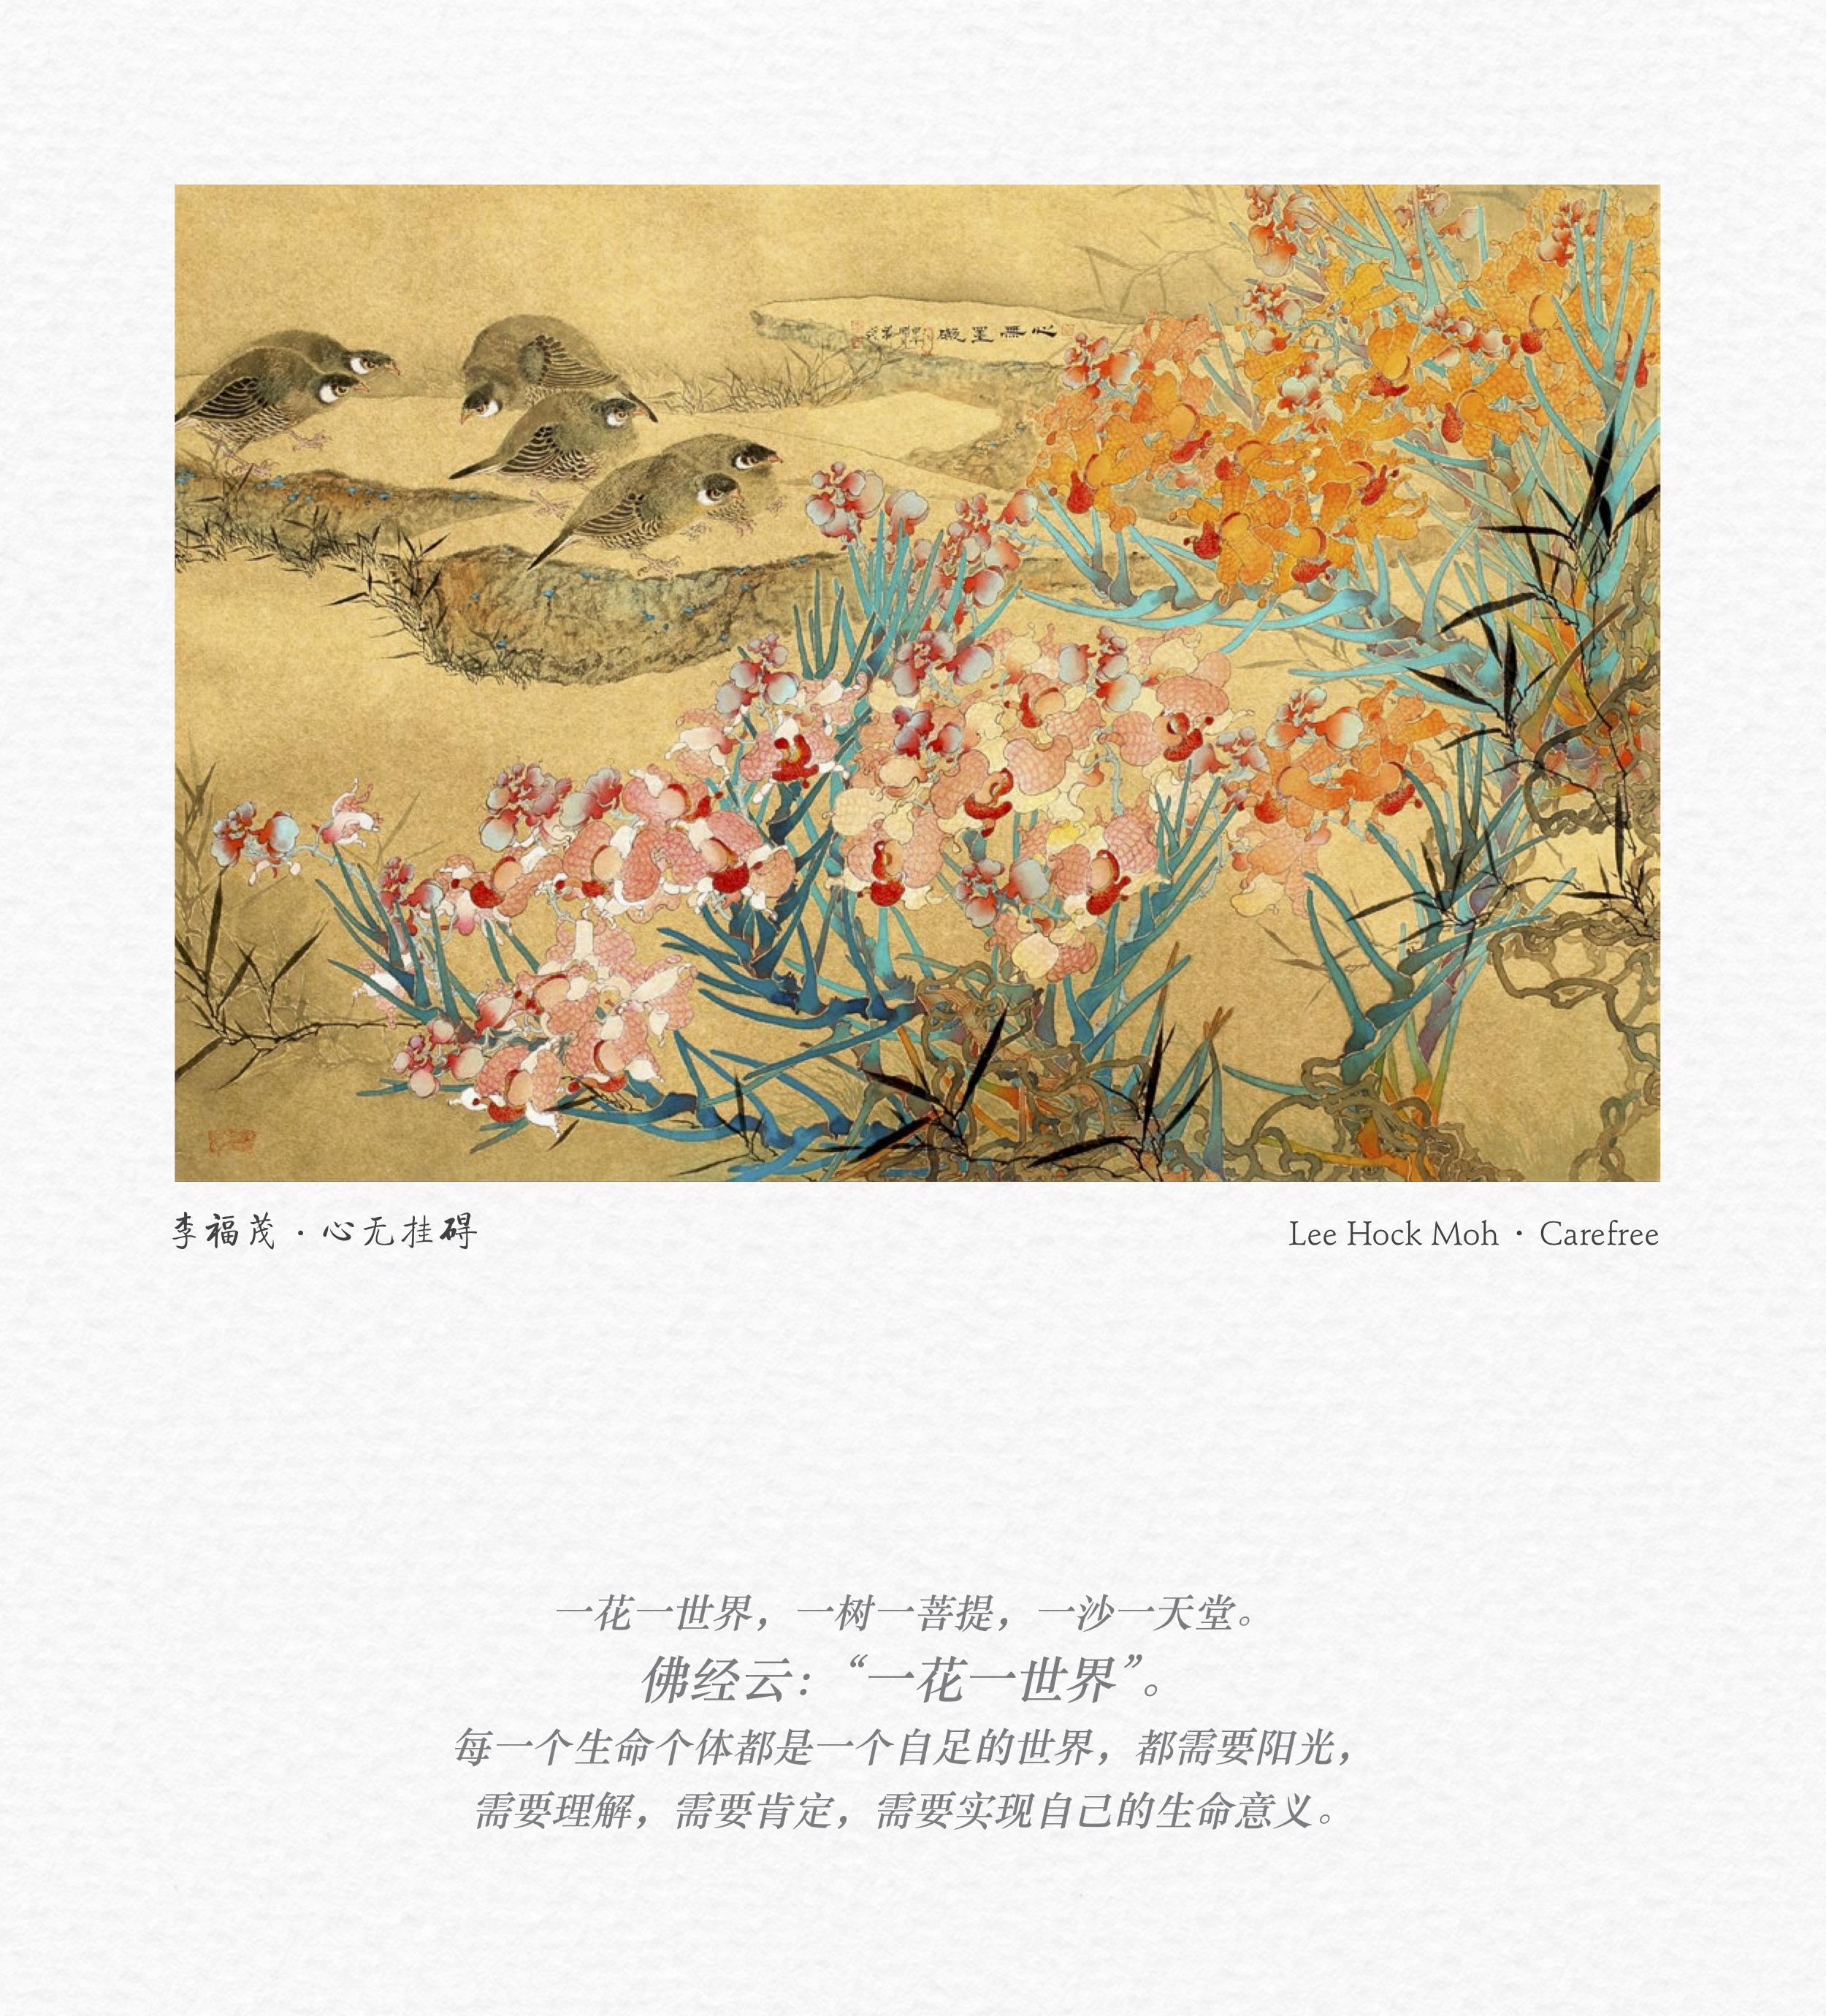 E-invite-2 copy.jpg